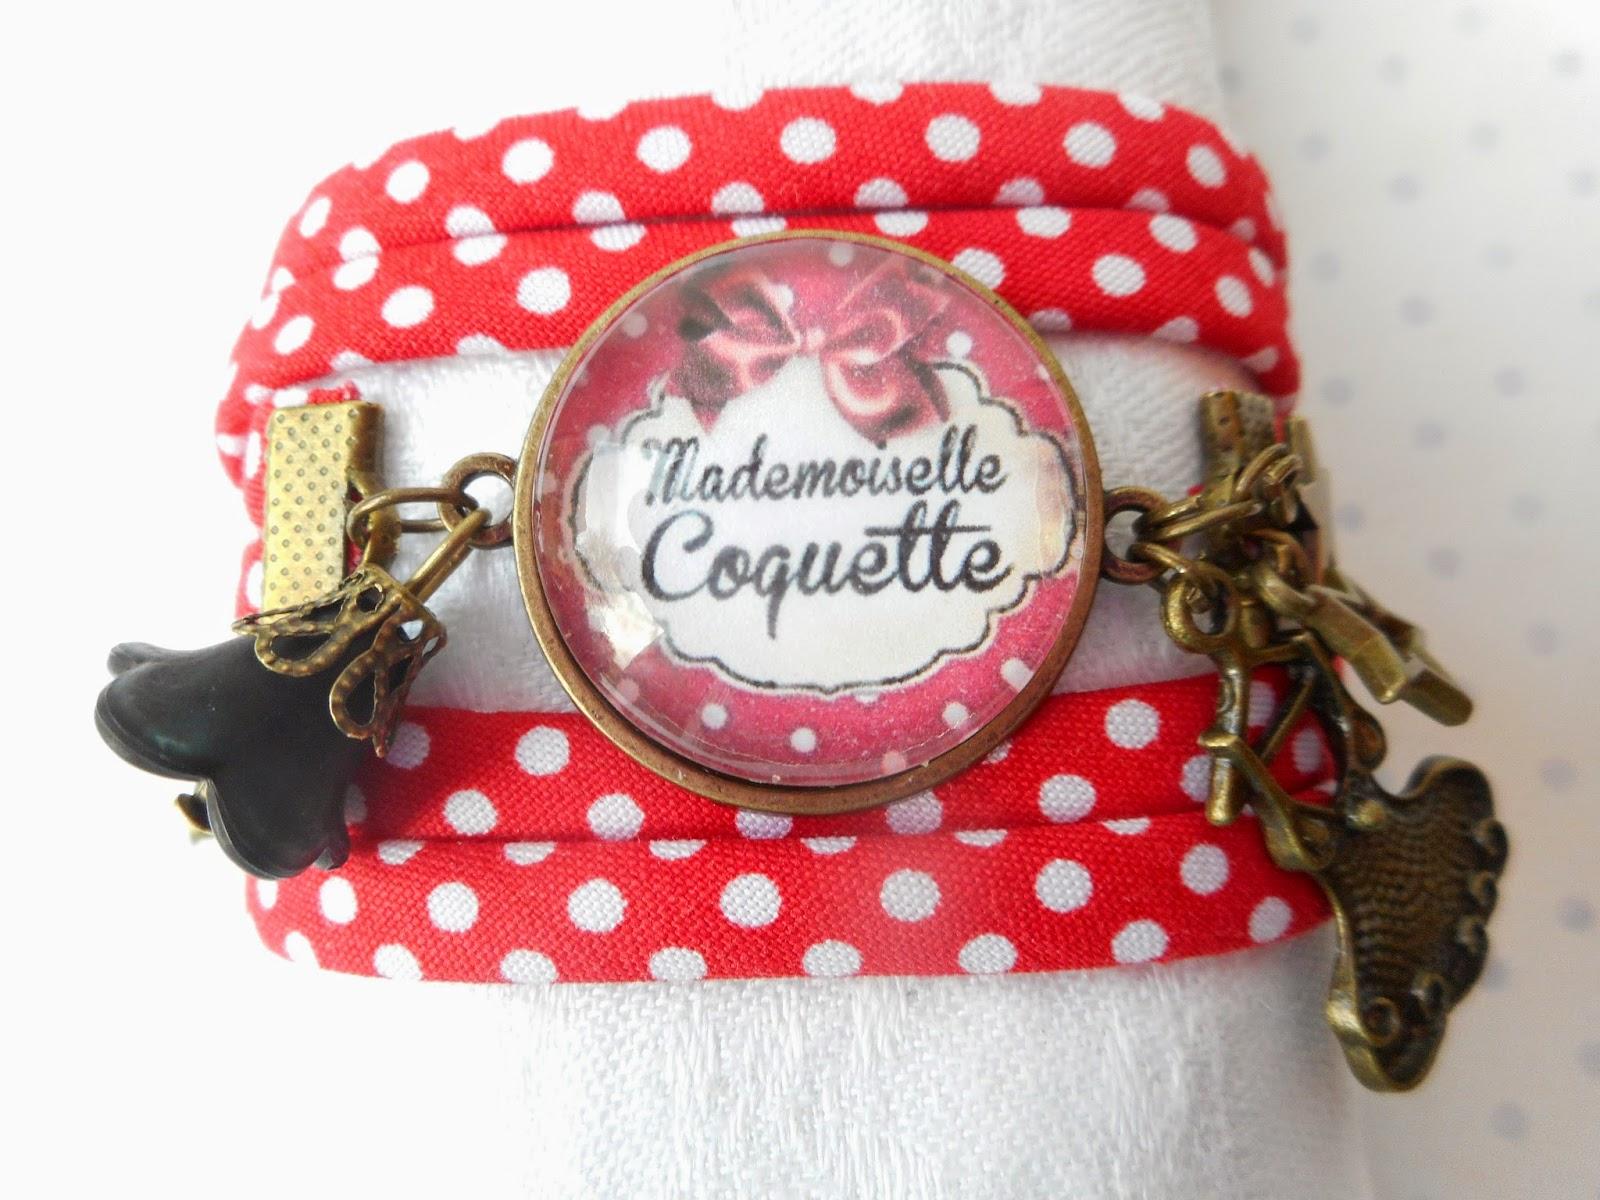 http://www.alittlemarket.com/bracelet/fr_bracelet_multi_rangs_et_cabochon_verre_vintage_mademoiselle_coquette_les_pois_rouge_et_blanc_creation_miss_coopecoll_-11877553.html